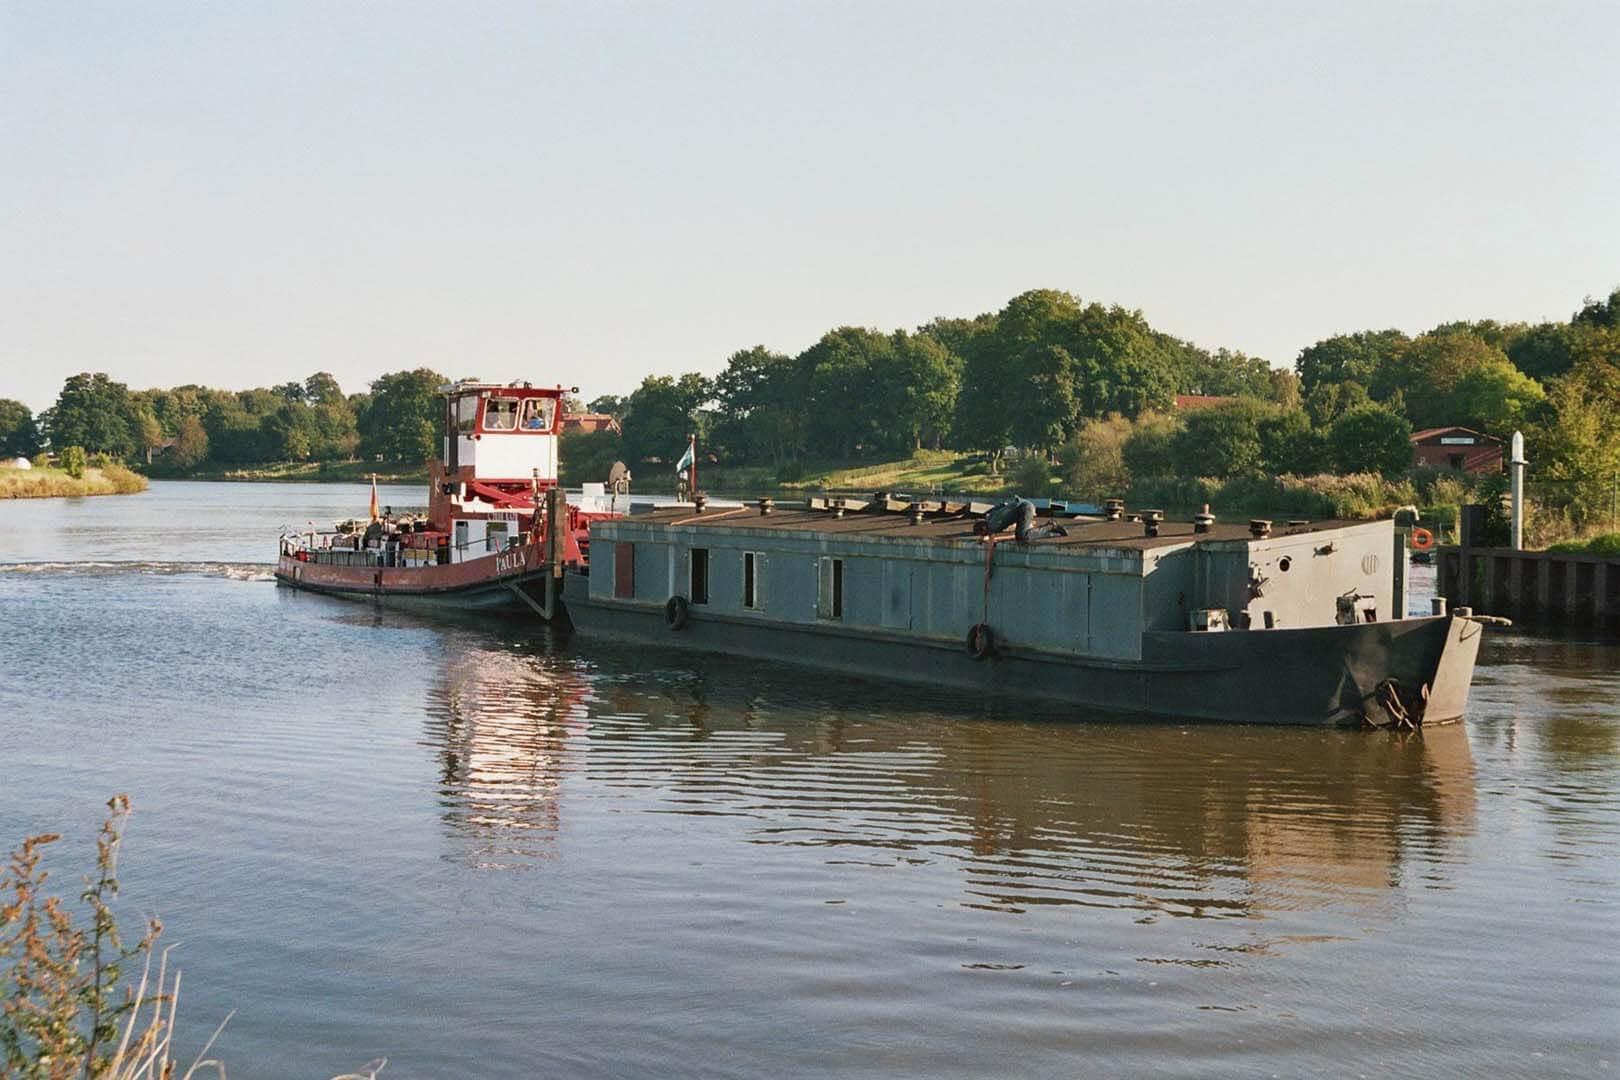 Die Peissnitz wird von der Reederei Ed-Line von Rathenow nach Dörverden an der Weser geschoben